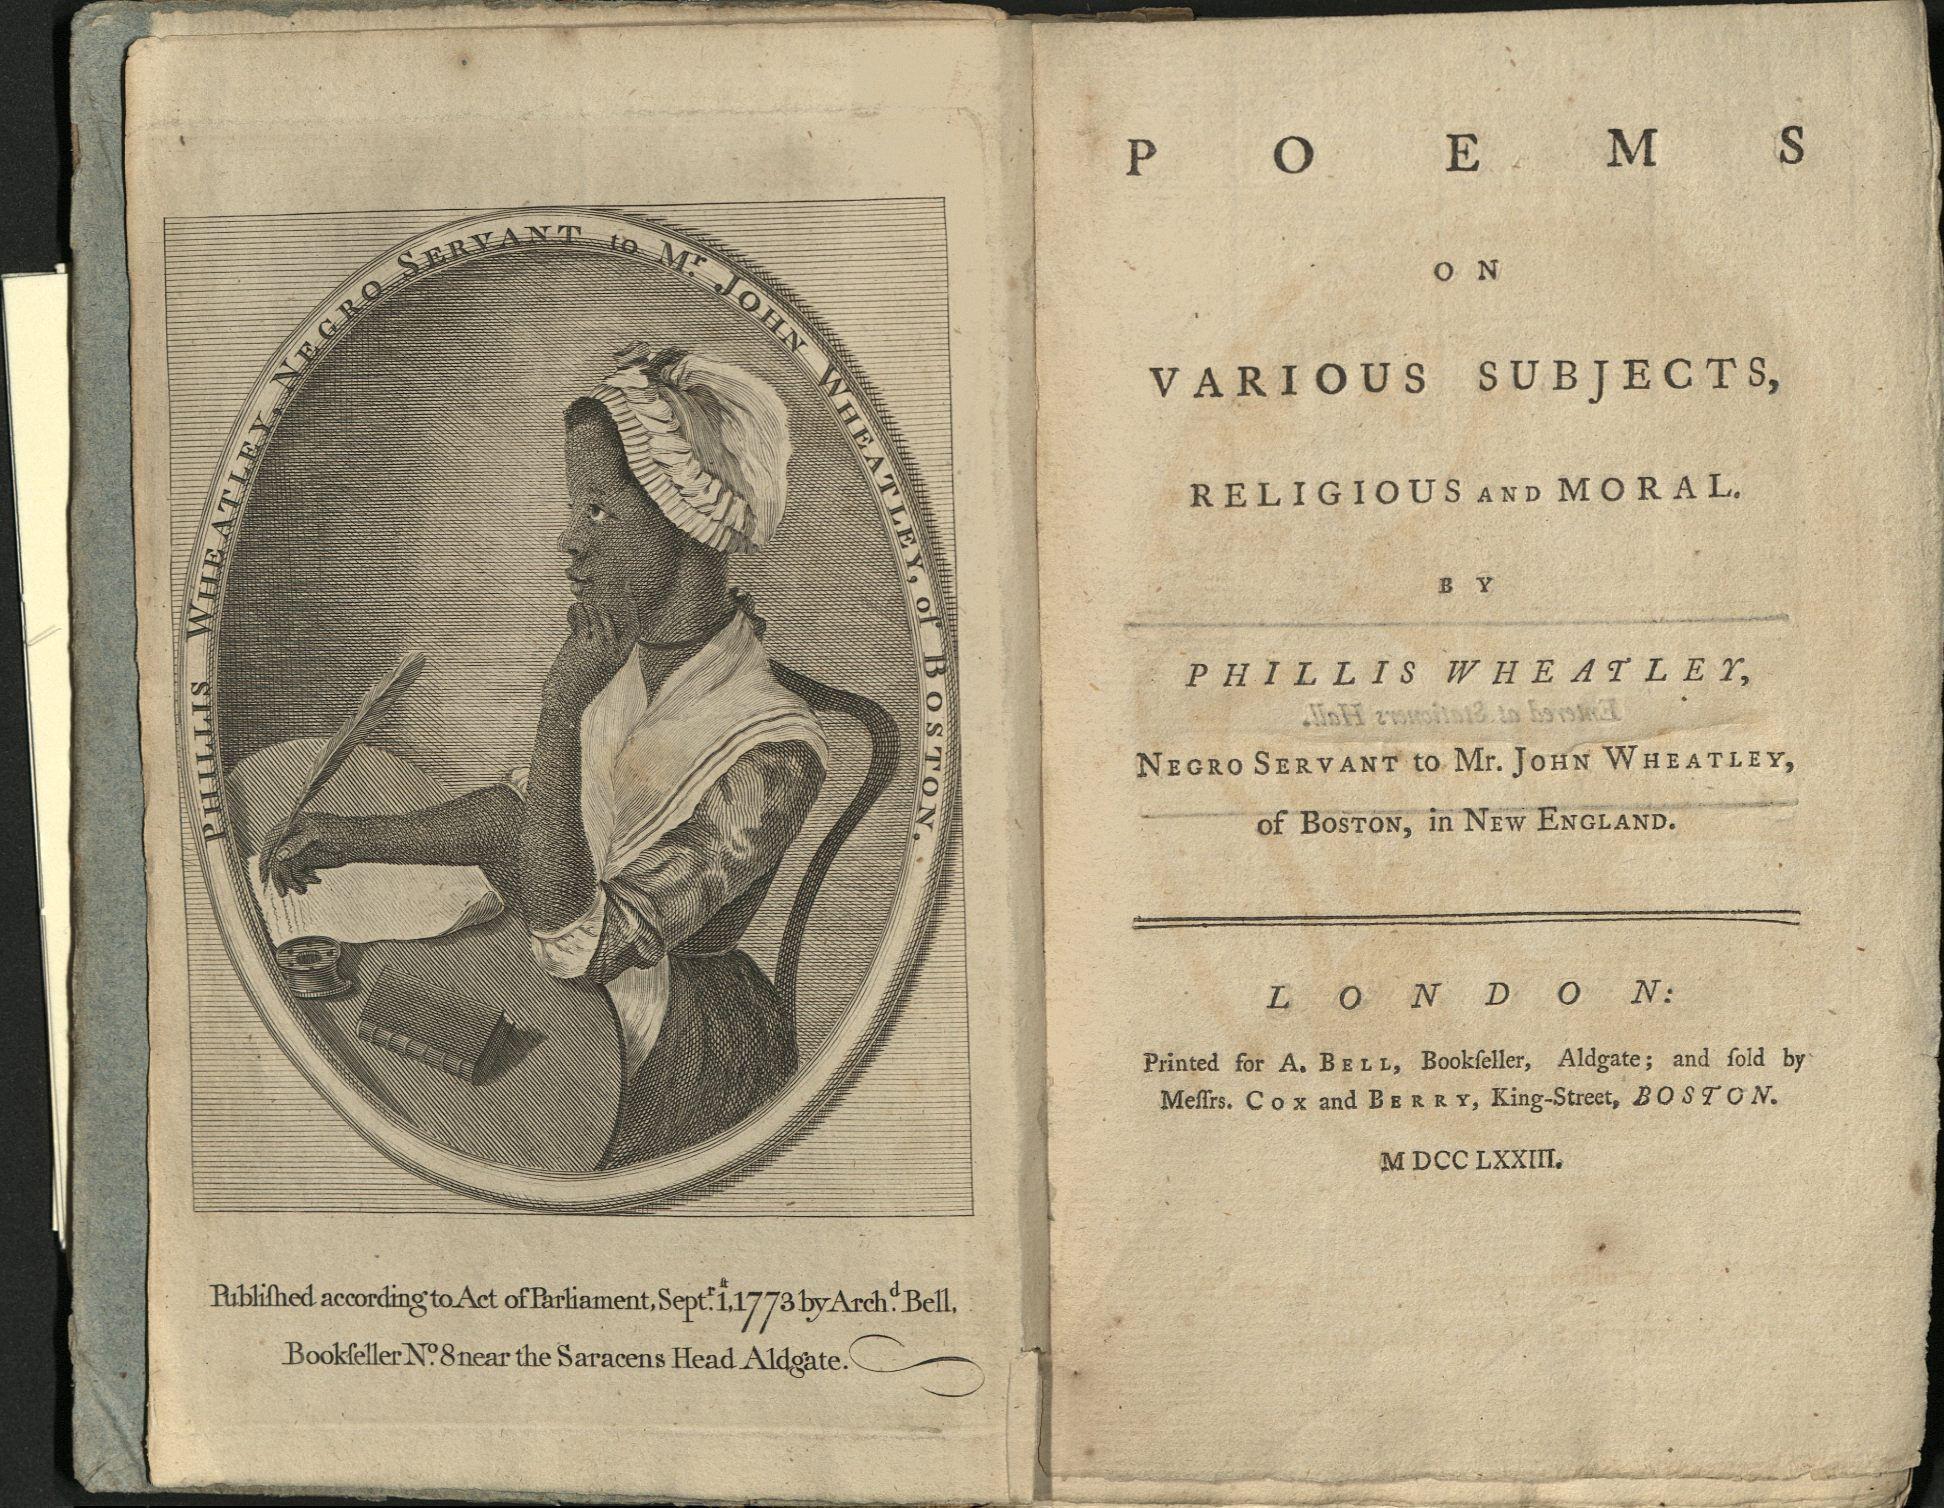 A portrait of Phillis Wheatley